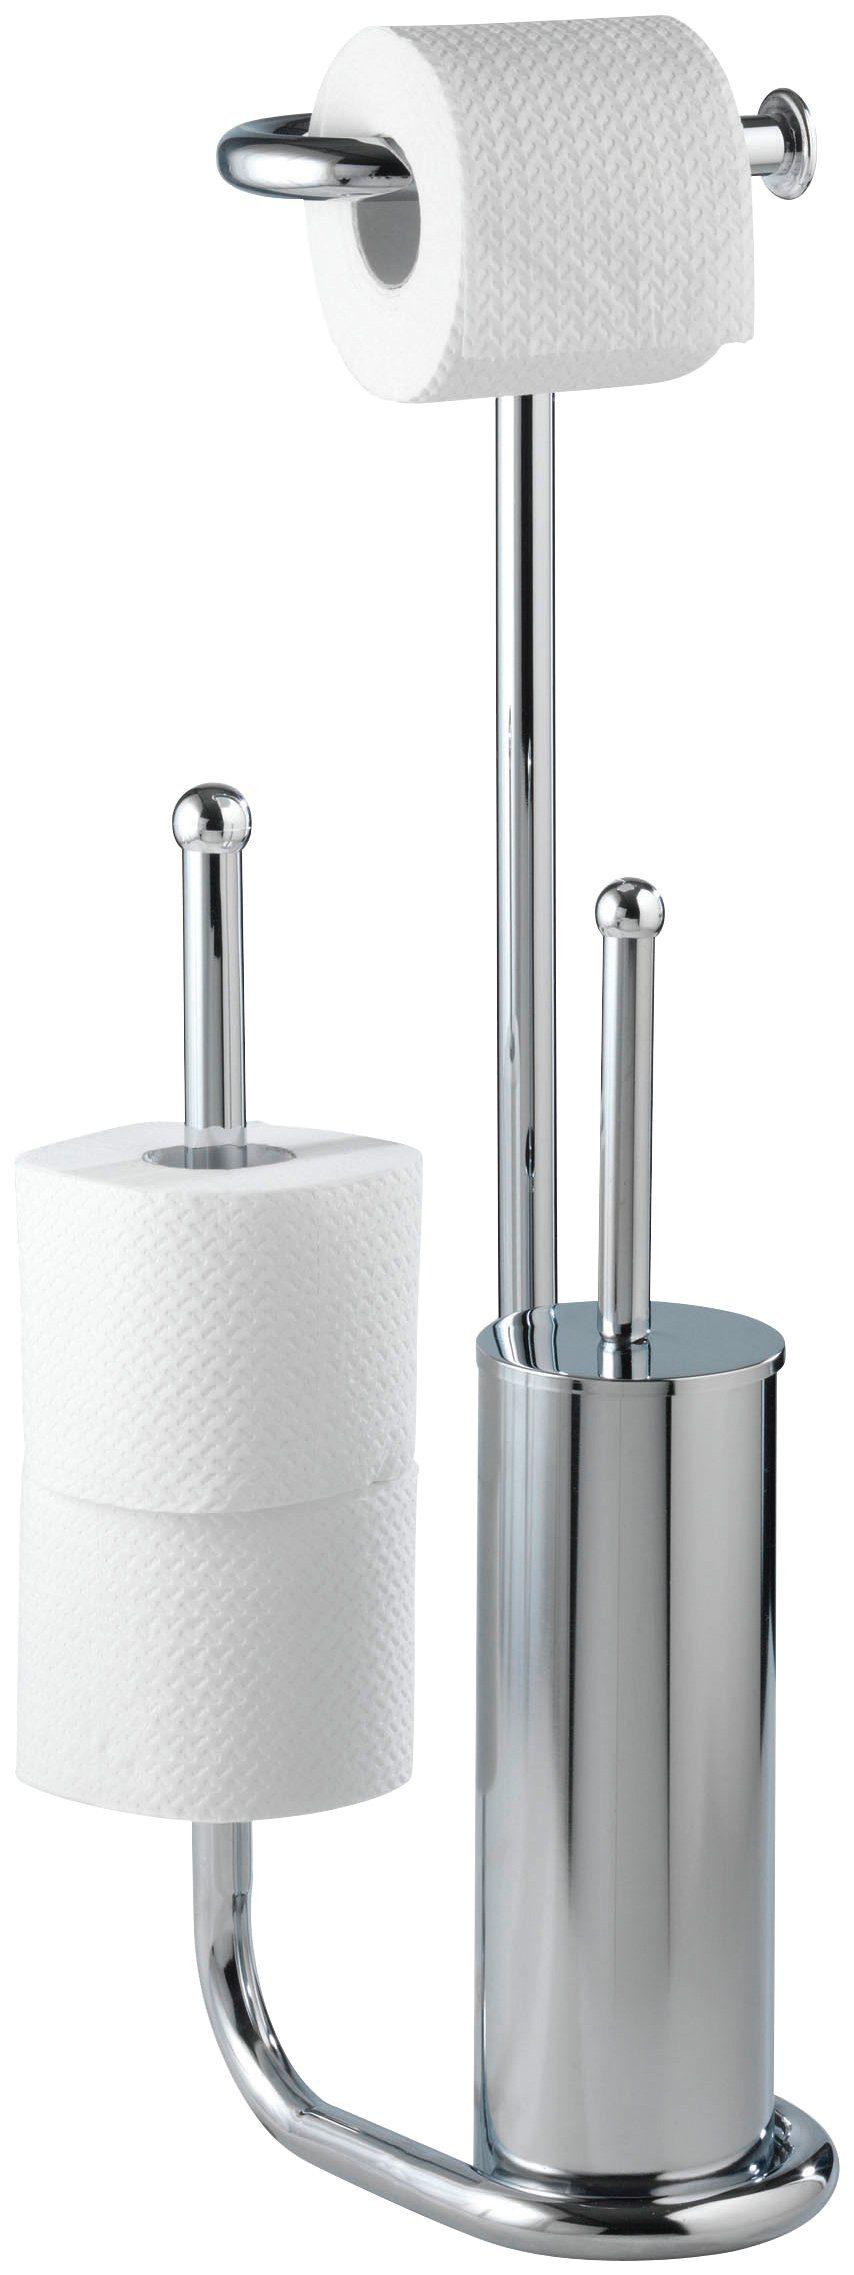 WC-Garnitur »Universalo«